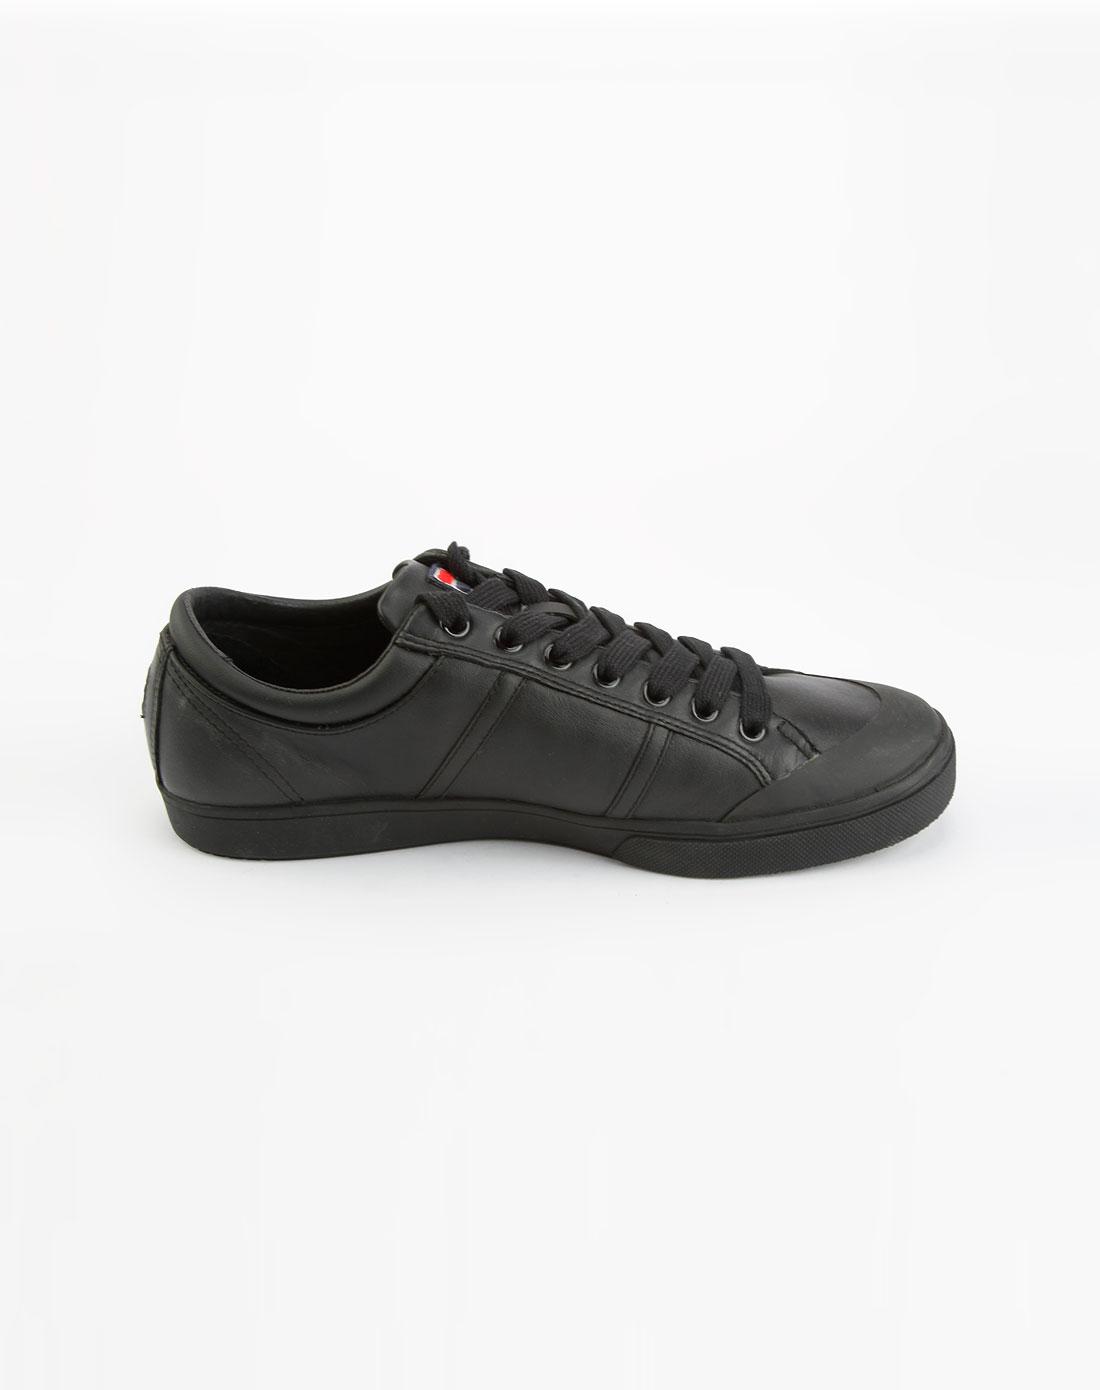 运动品牌斐乐fila 男款黑色皮面系带休闲鞋21111309